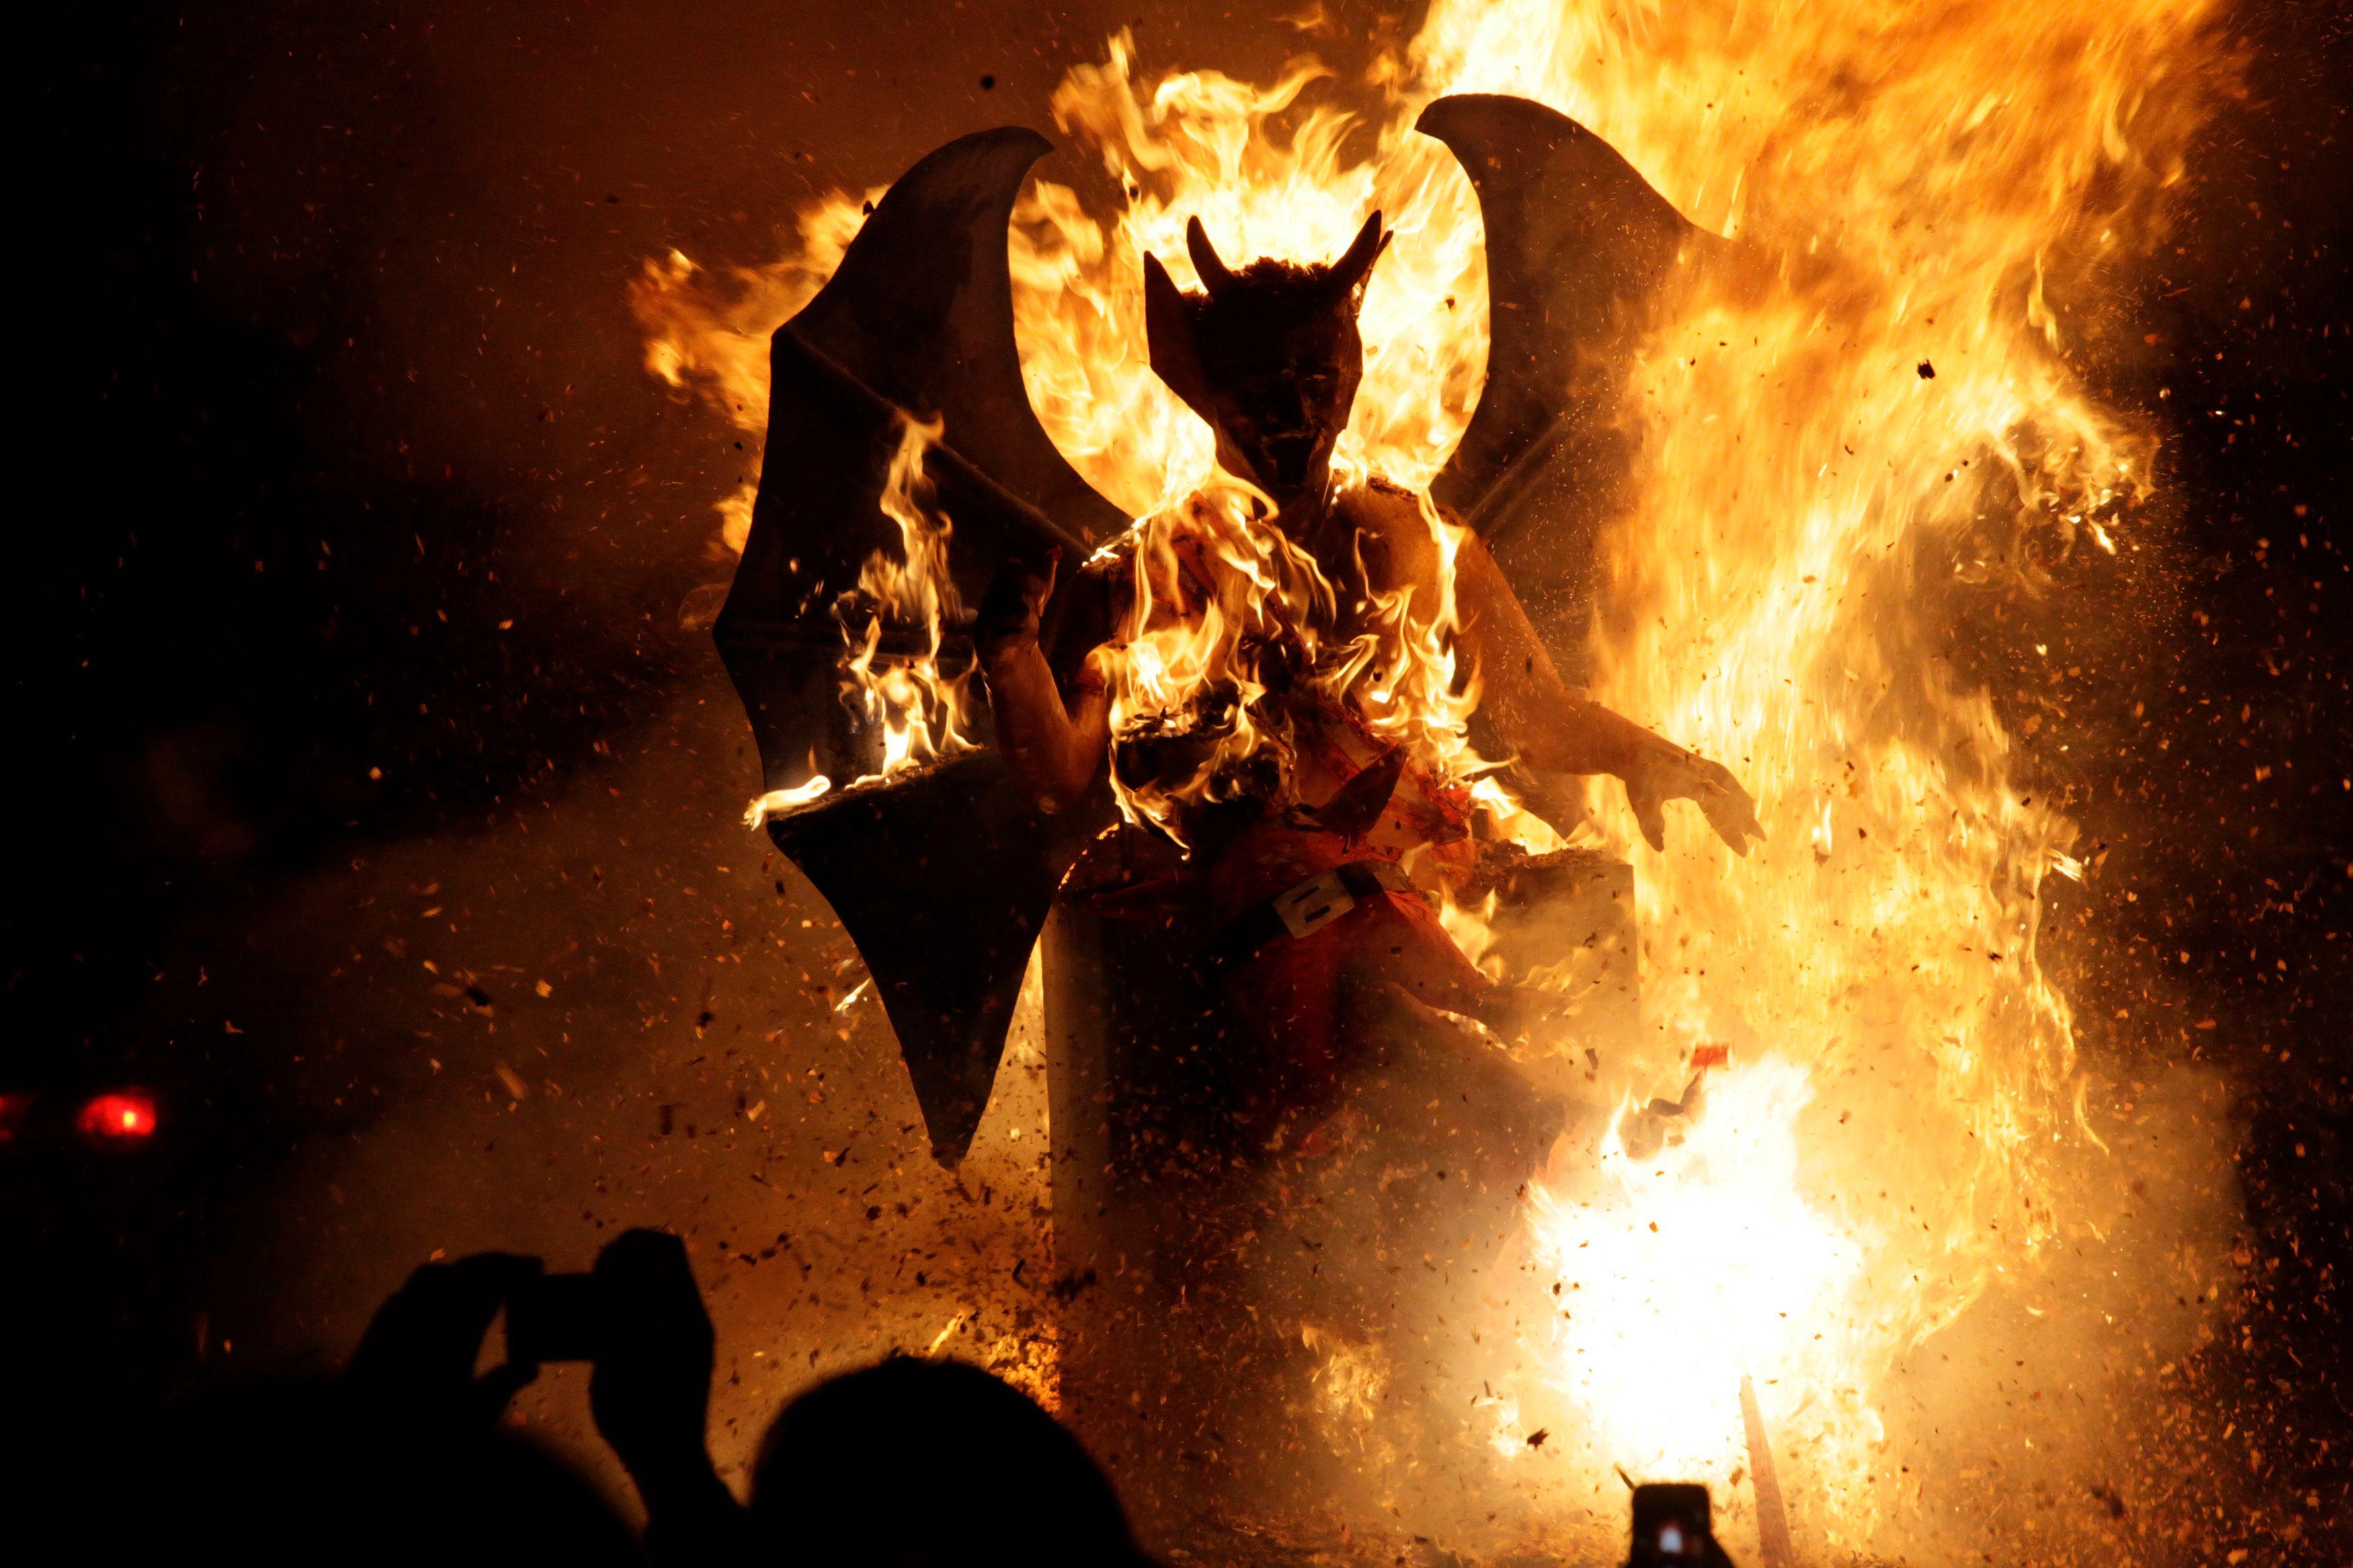 """Simple flammèche ou véritable étincelle : la """"quenelle"""" annonce-t-elle un incendie de rejet de l'autre qu'on n'aurait pas vu venir ?"""